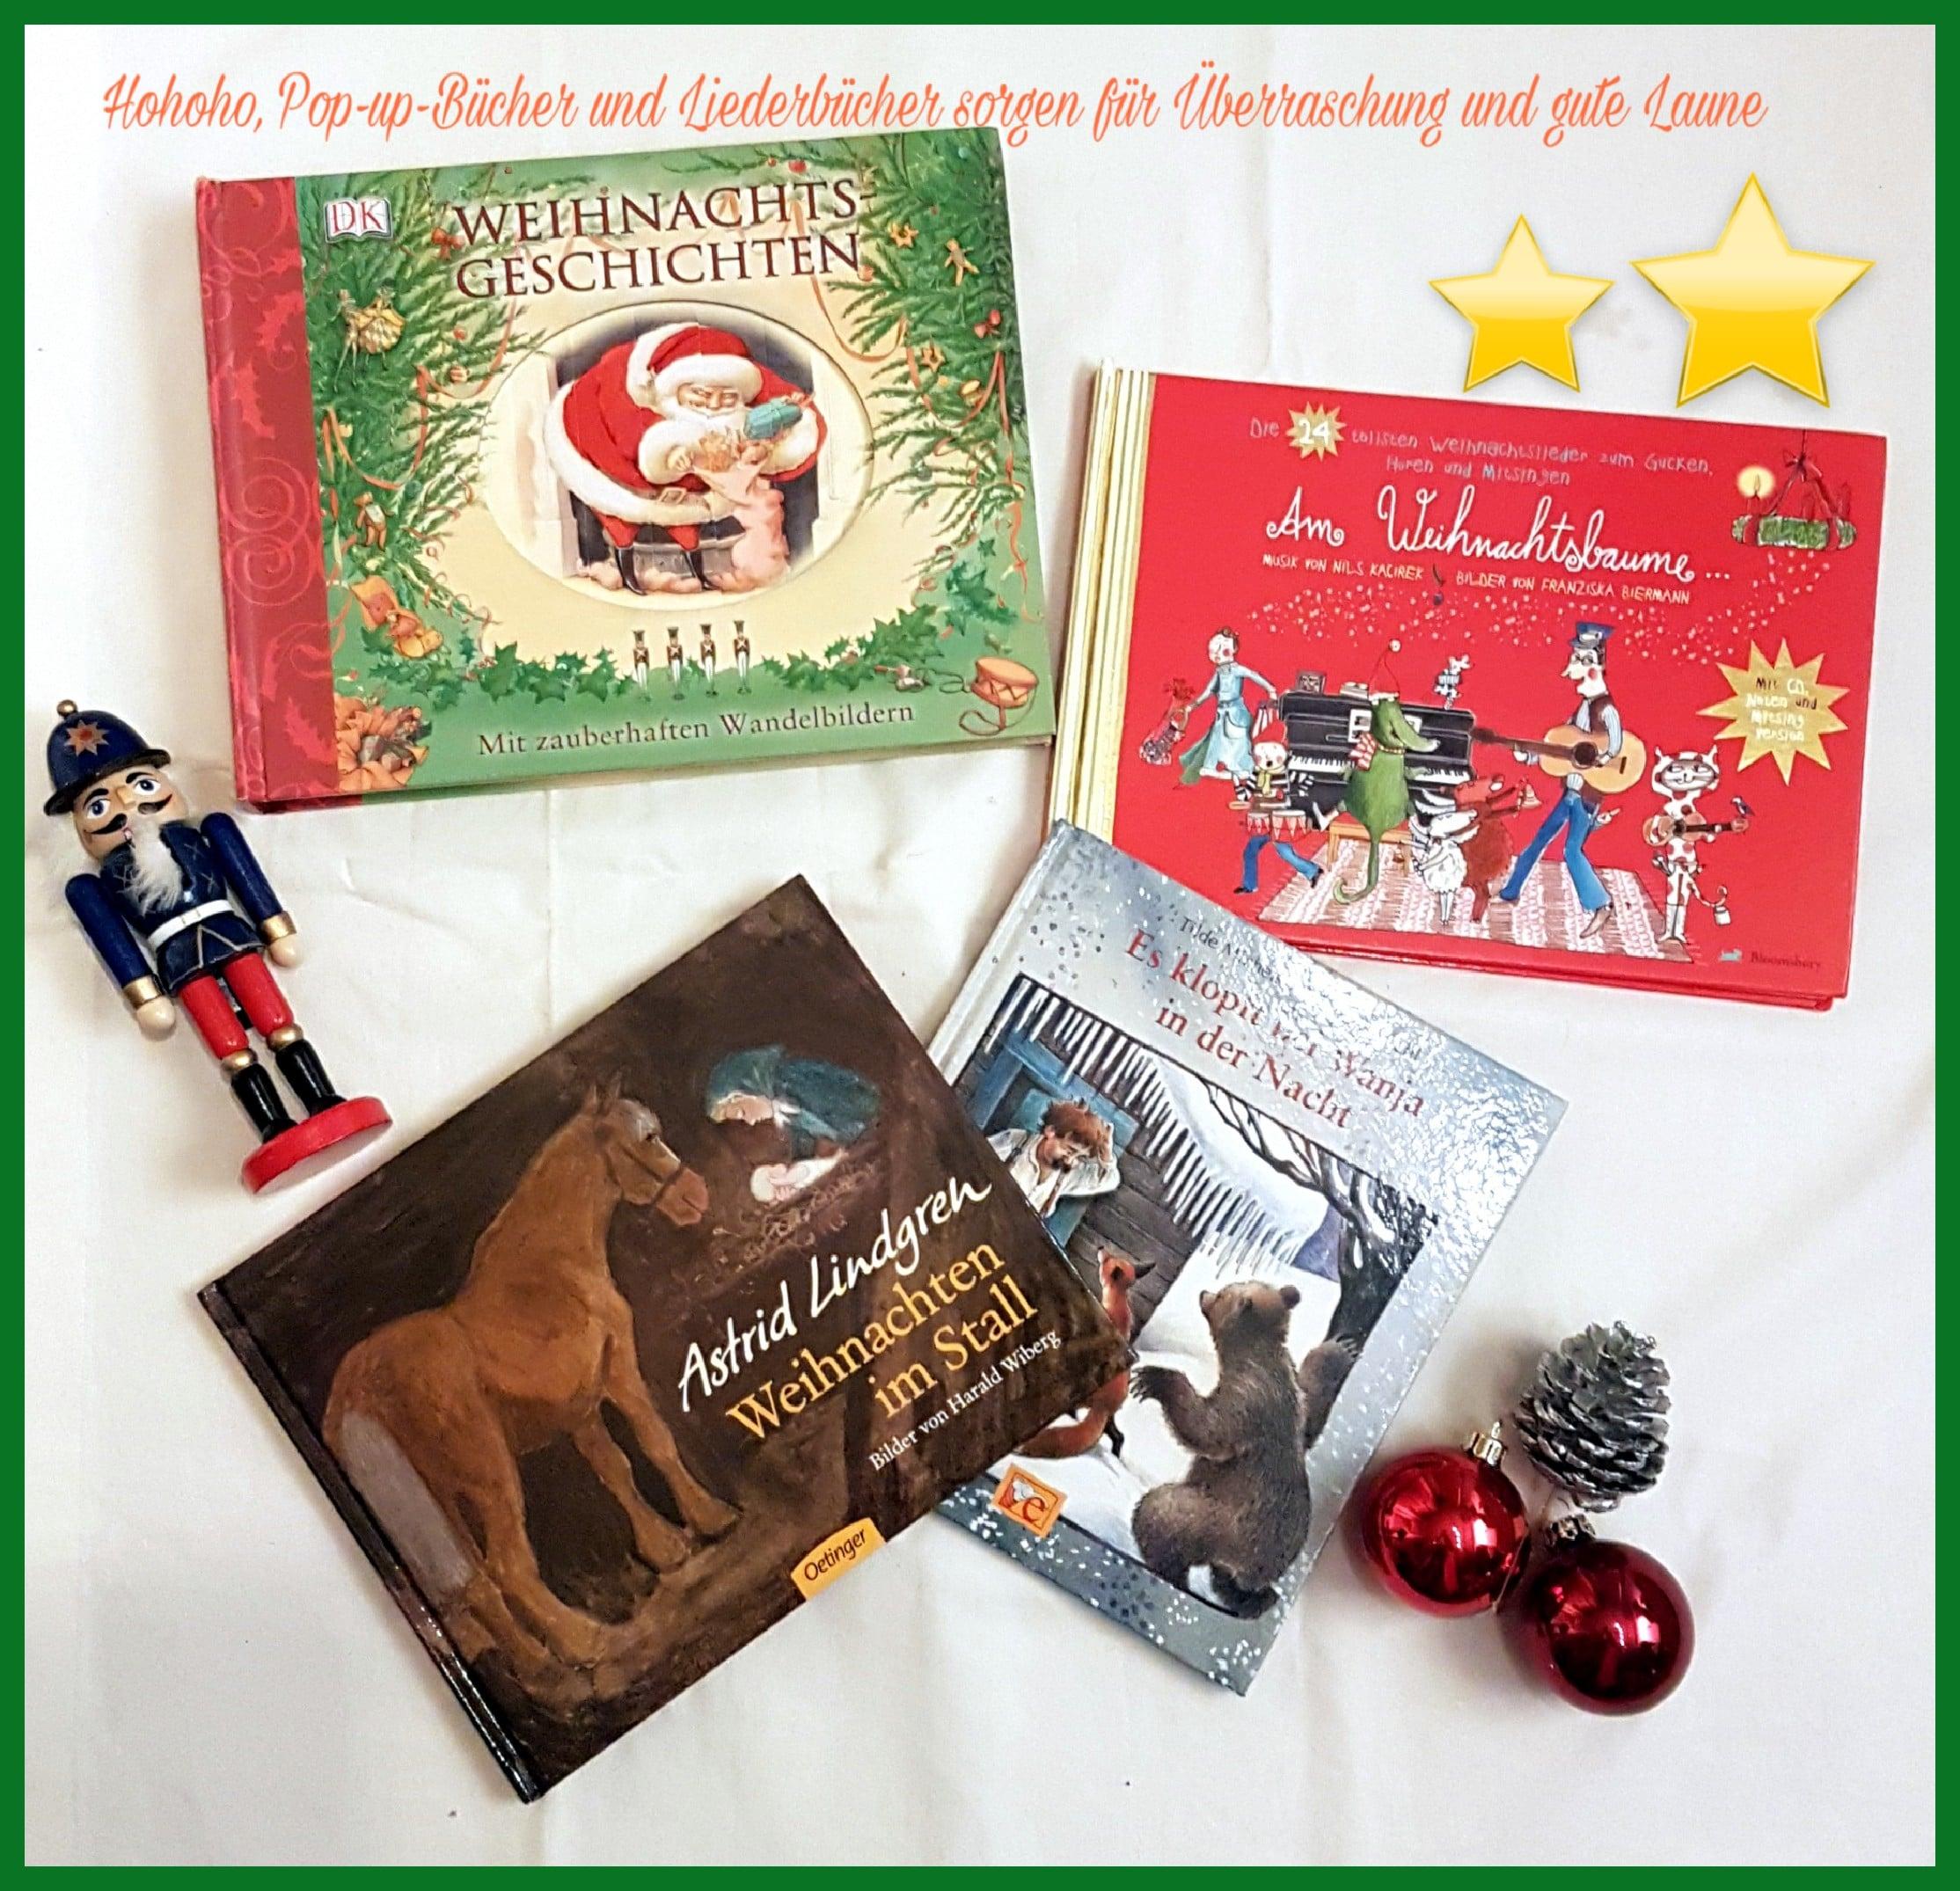 weihnachten, weihnachtsbücher, adventszeit, advent, weihnachtlich, winterzeit, winter, lesen, kinderbücher, bücher, vorlesen, liederbuch